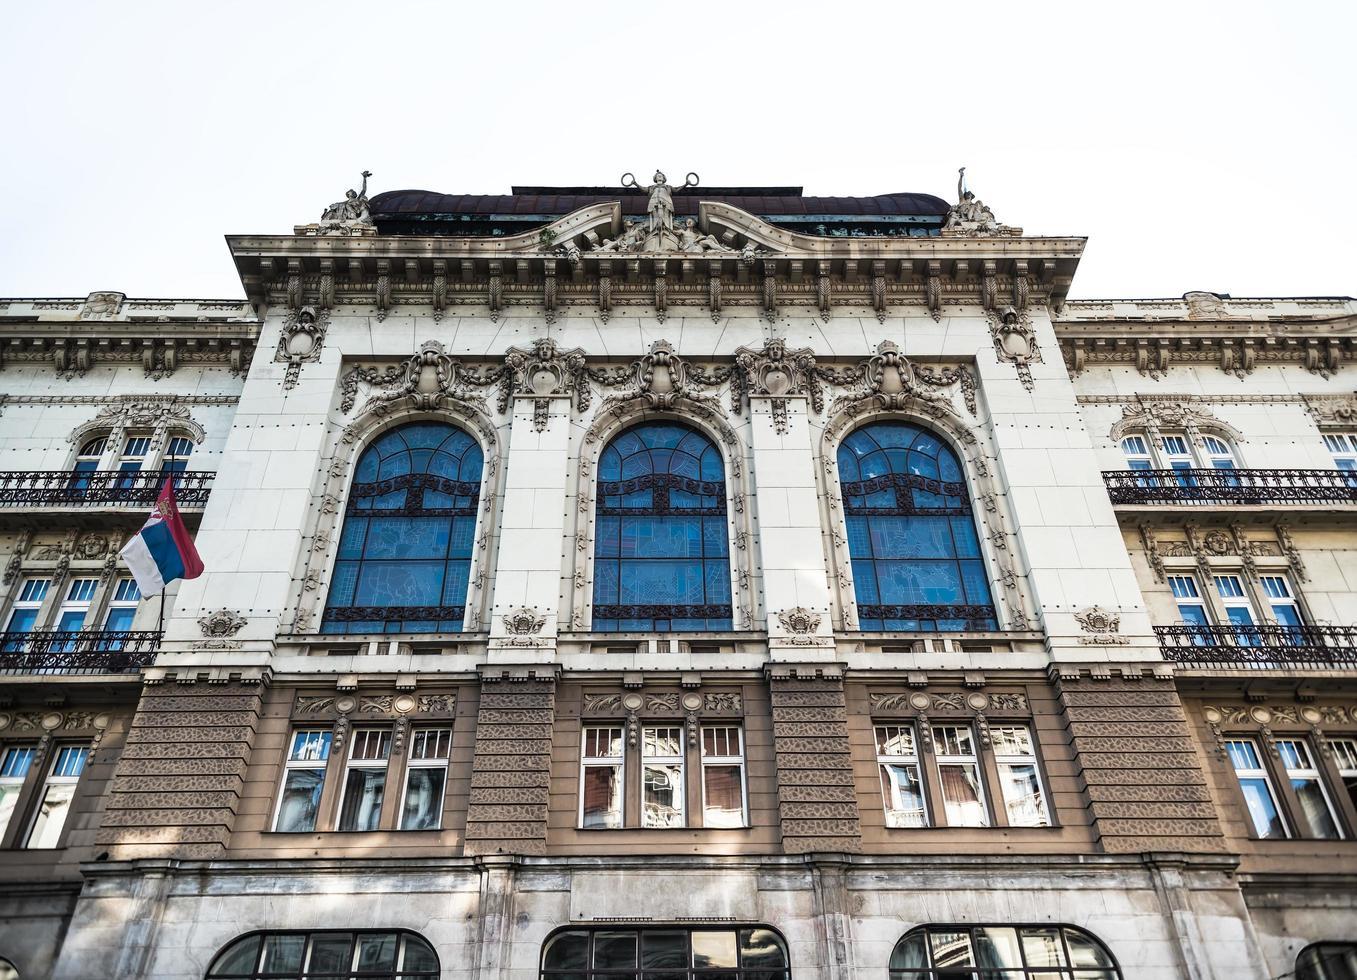 belgrado, serbia 2015 - frammento della facciata dell'accademia serba delle scienze e delle arti, un'accademia nazionale e la più importante istituzione accademica foto